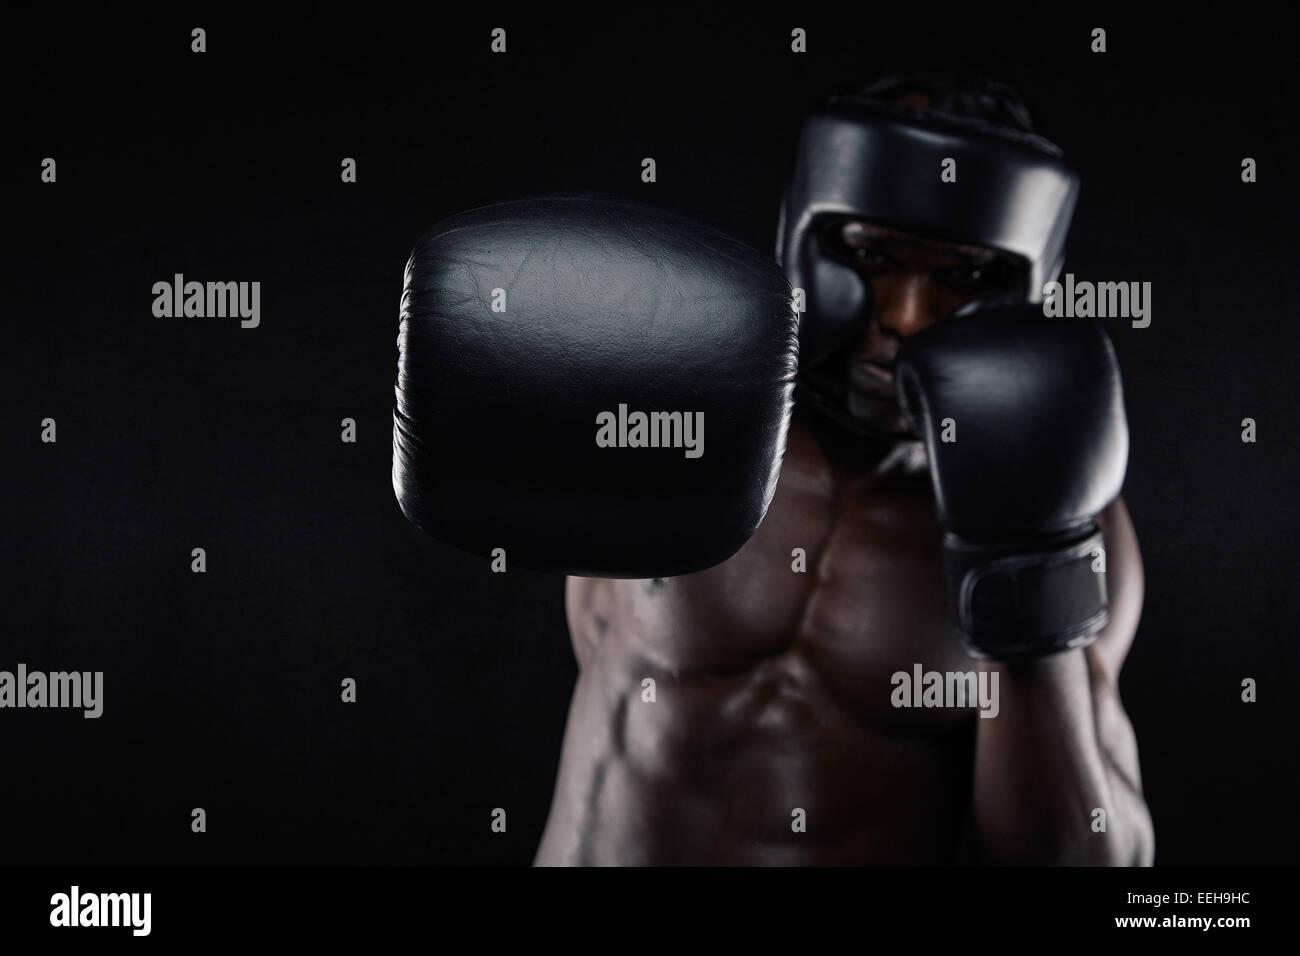 Giovane uomo muscolare praticare il pugilato. Maschio africano gettando il punzone verso la telecamera su sfondo Immagini Stock